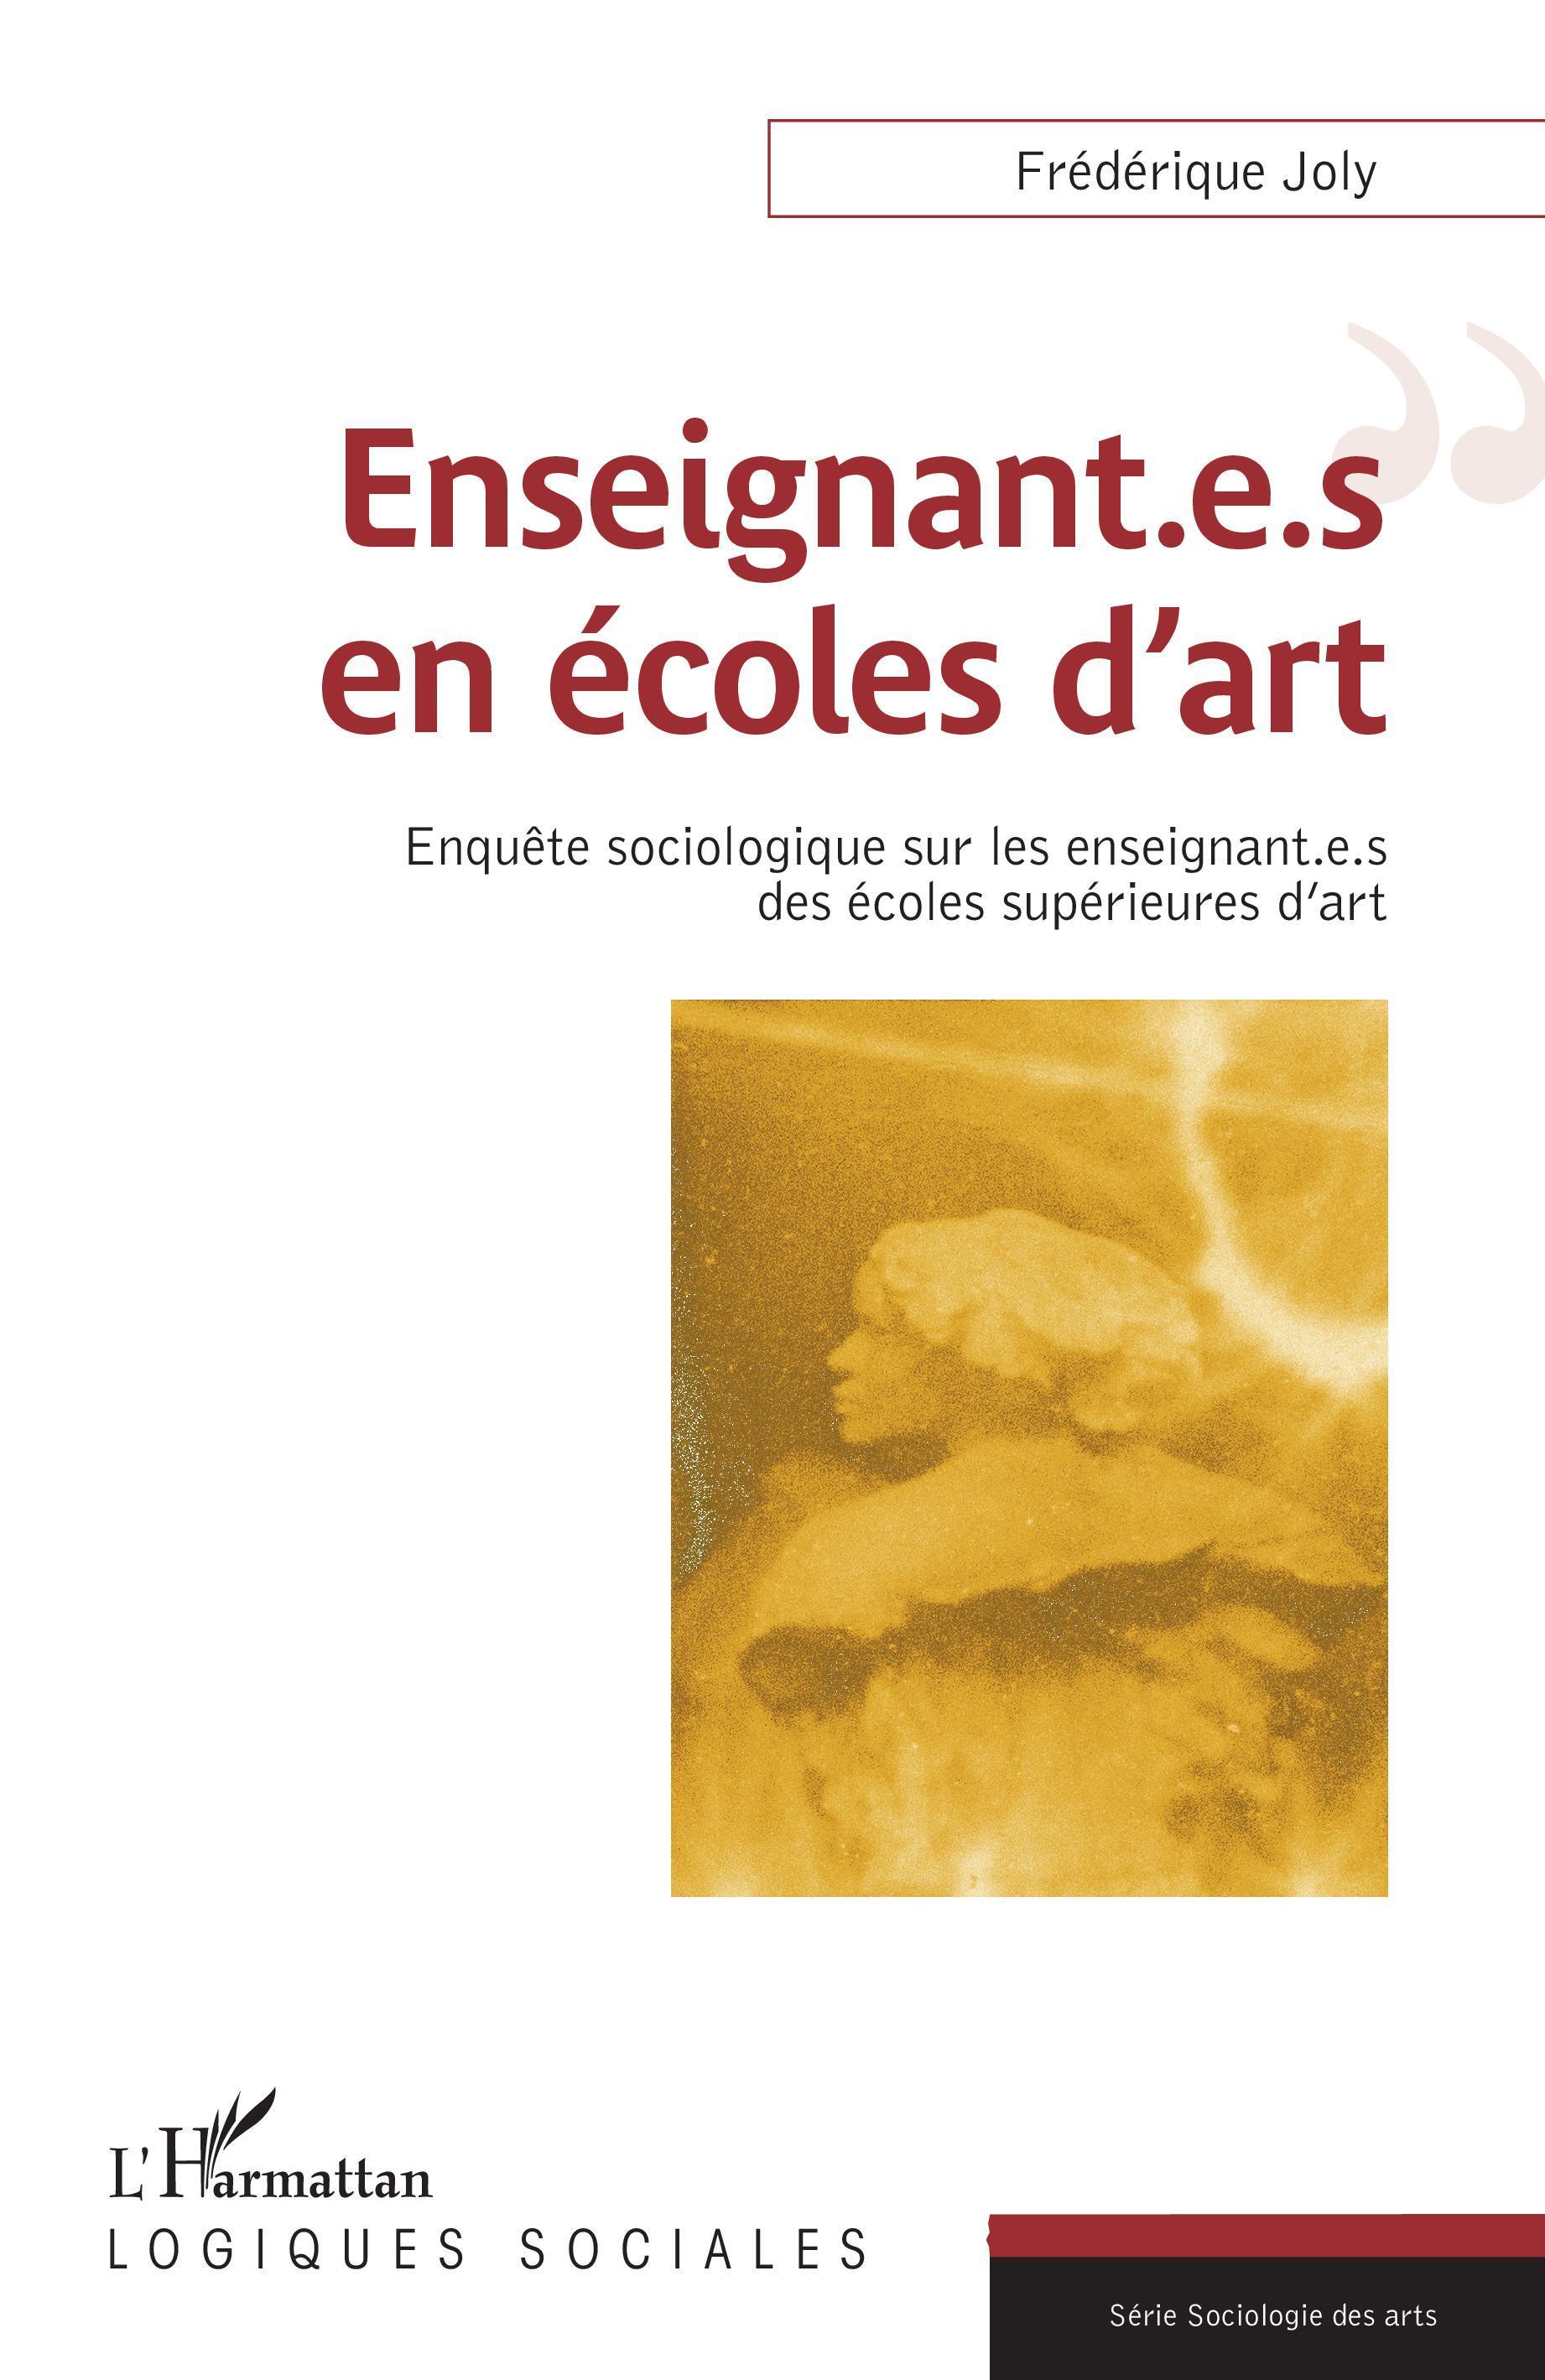 ENSEIGNANT.E.S EN ECOLES D'ART - ENQUETE SOCIOLOGIQUE SUR LES ENSEIGNANT.E.S DES ECOLES SUPERIEURES